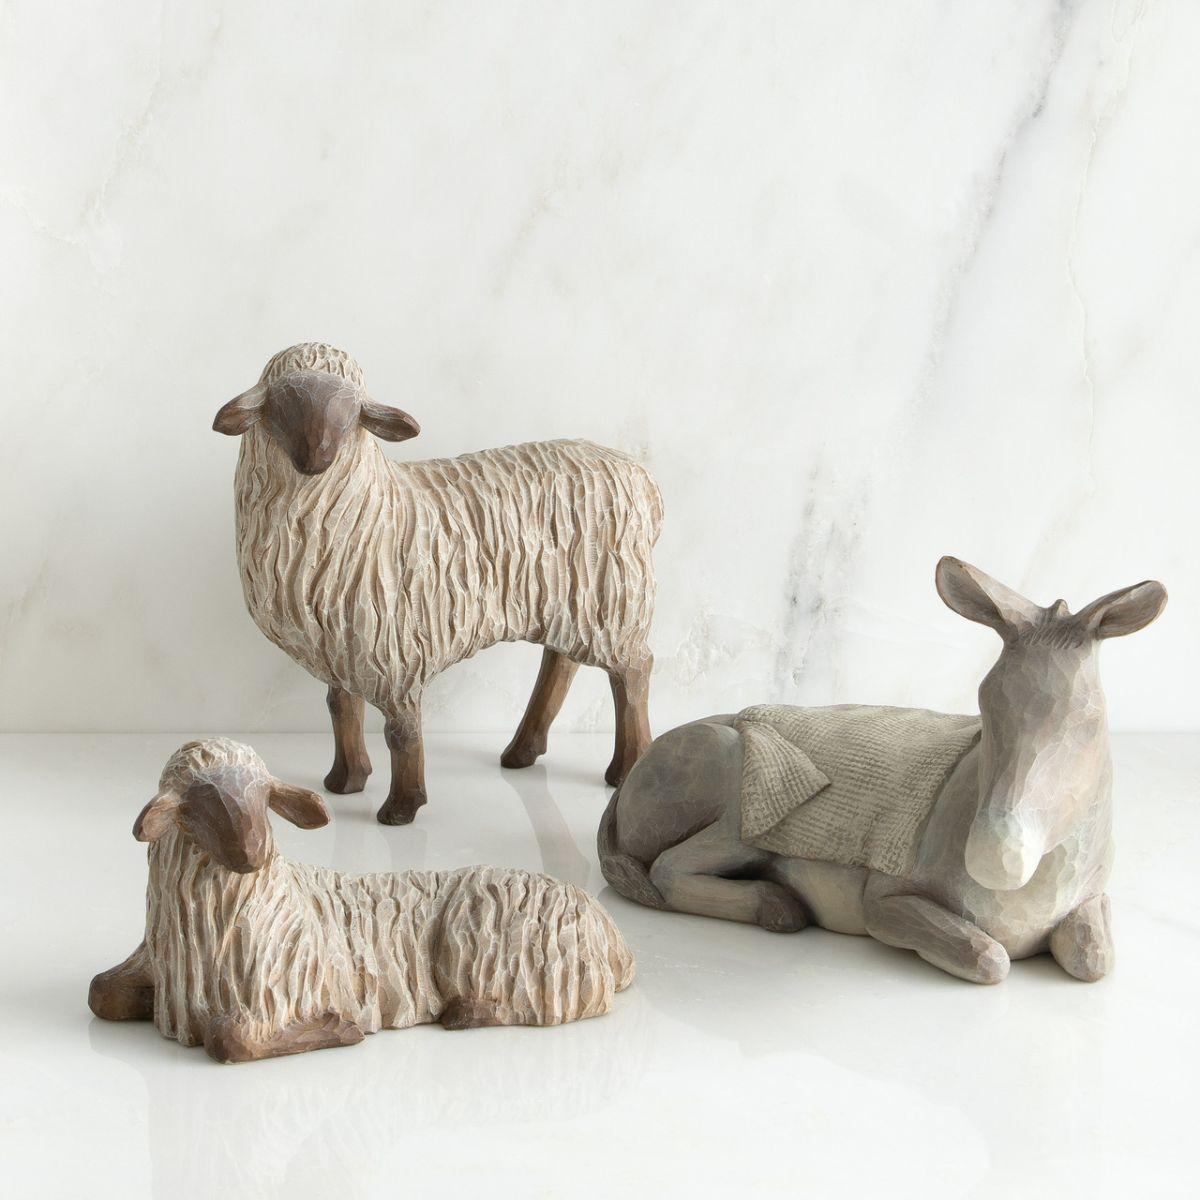 ウィローツリー  【Gentle Animals of the Stable】 - 馬小屋の動物たち